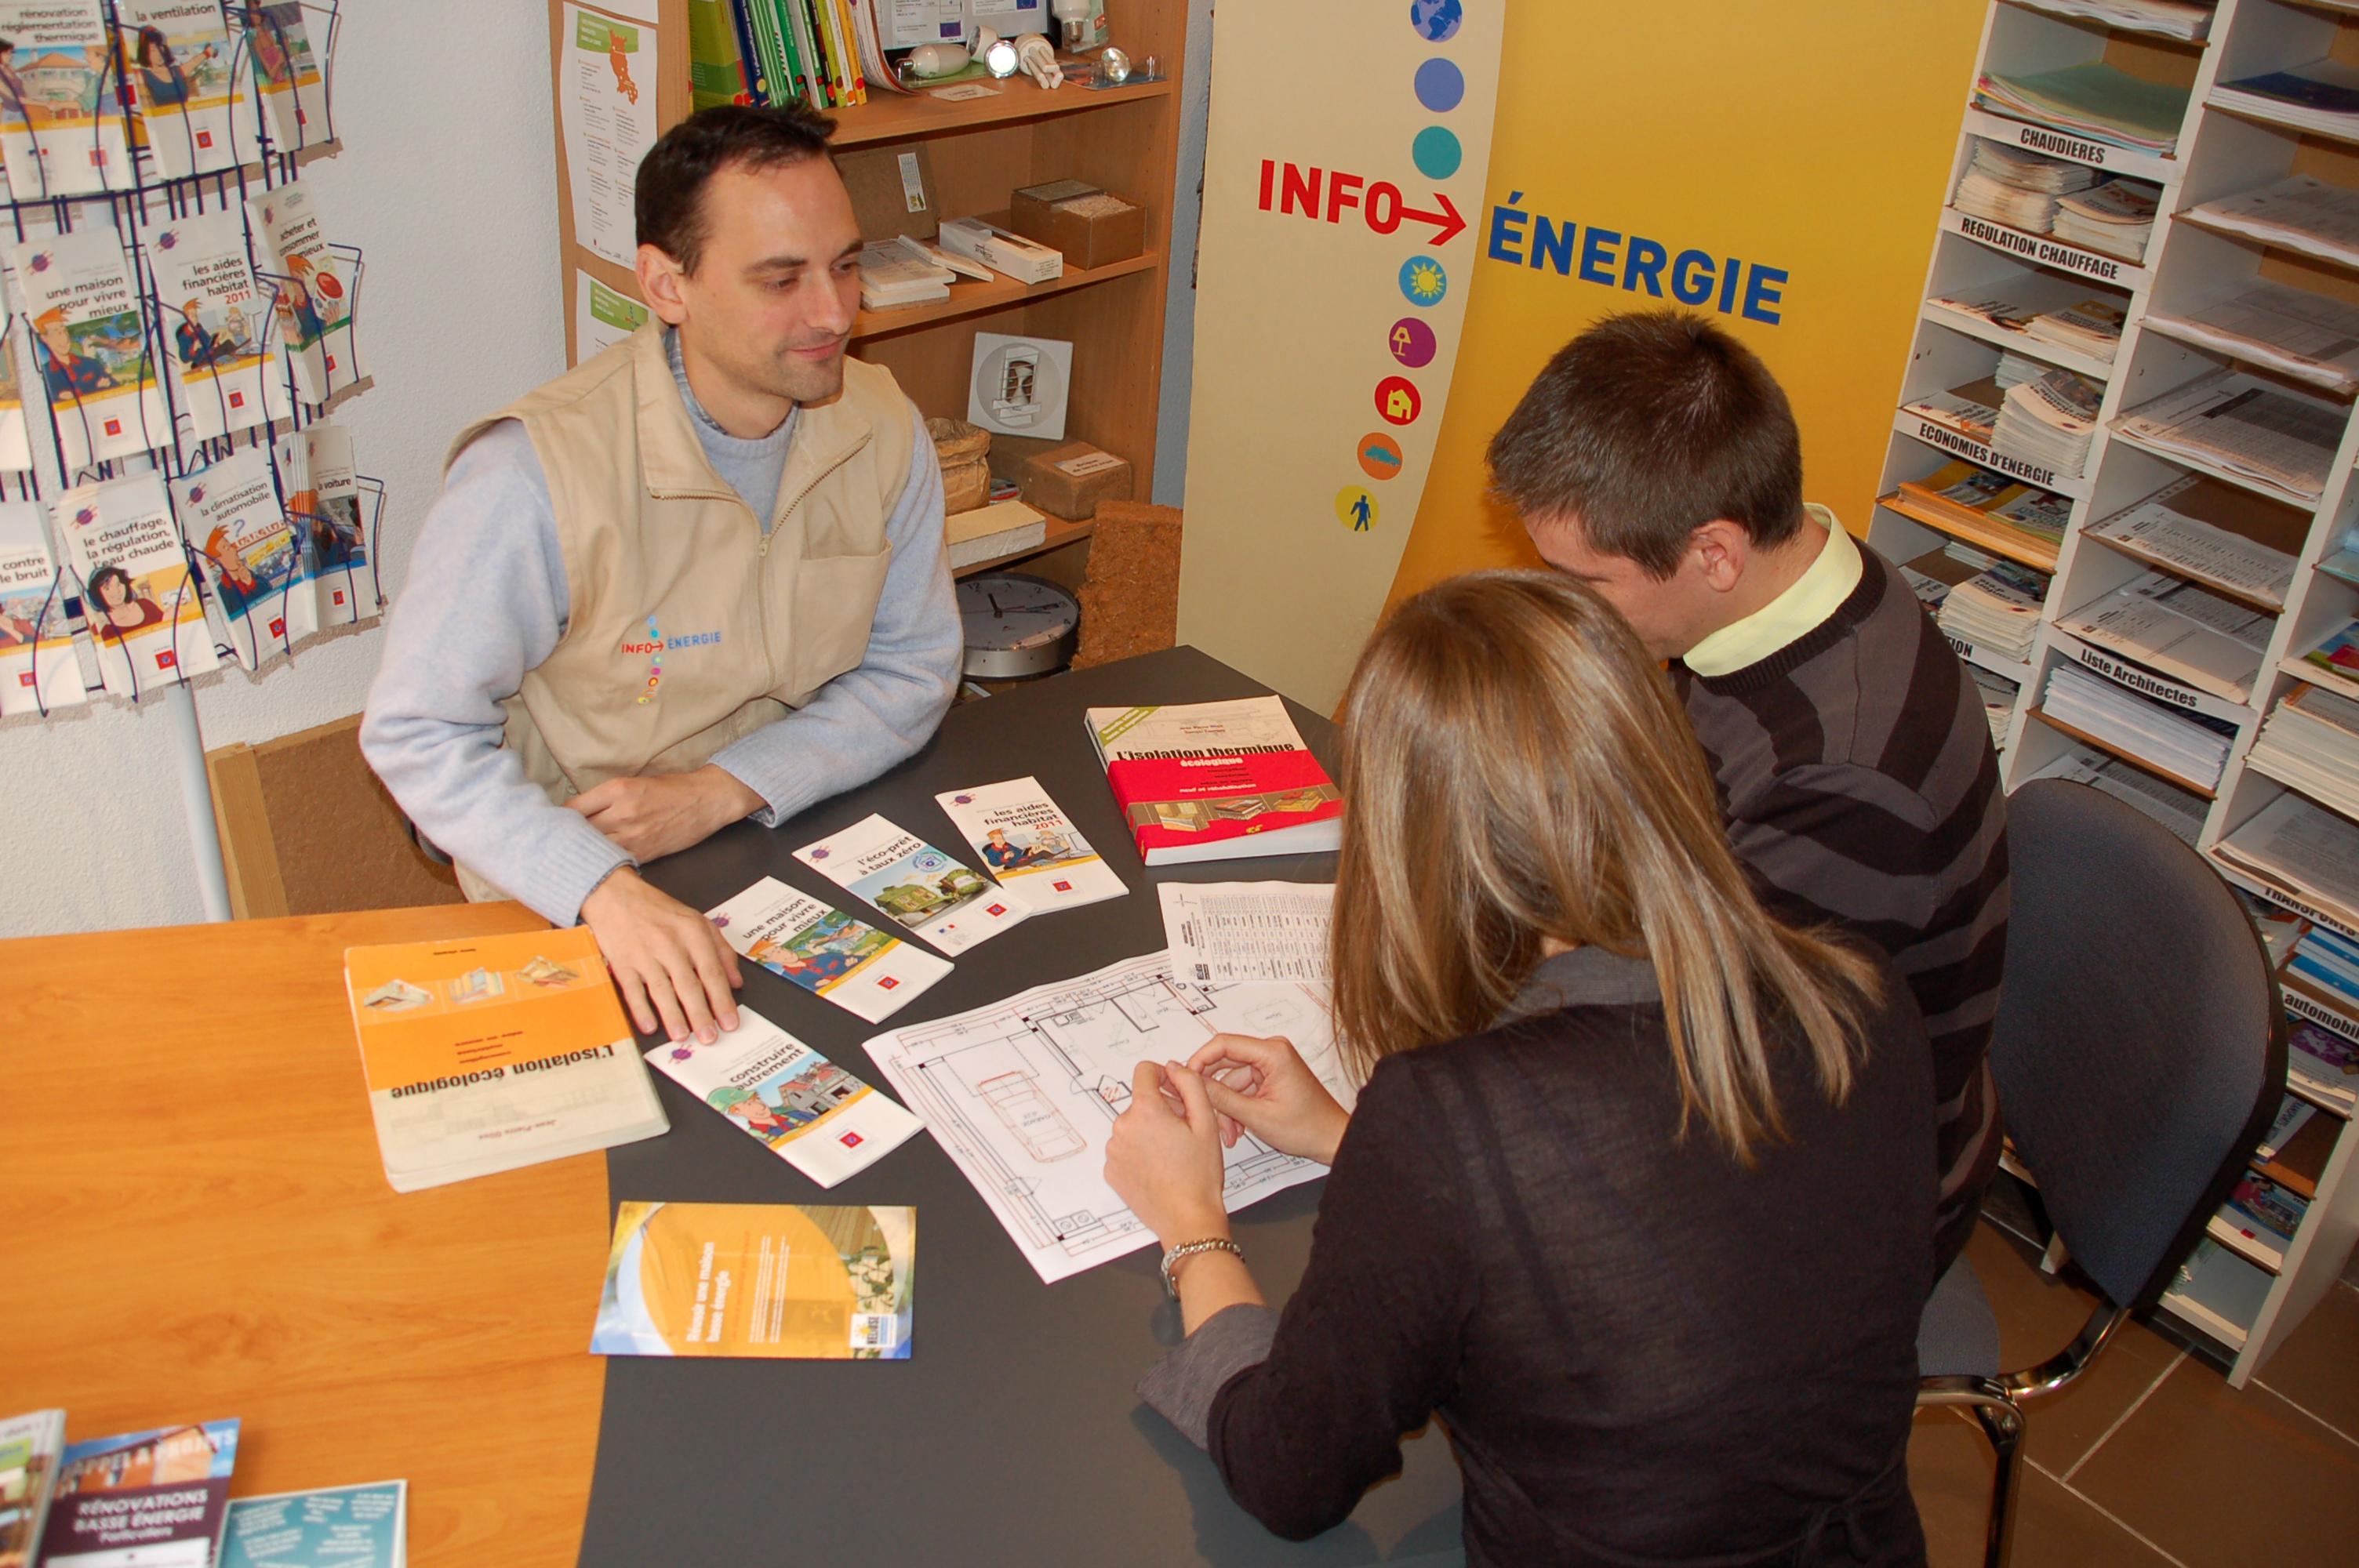 Journée de la rénovation à Villard-de-Lans